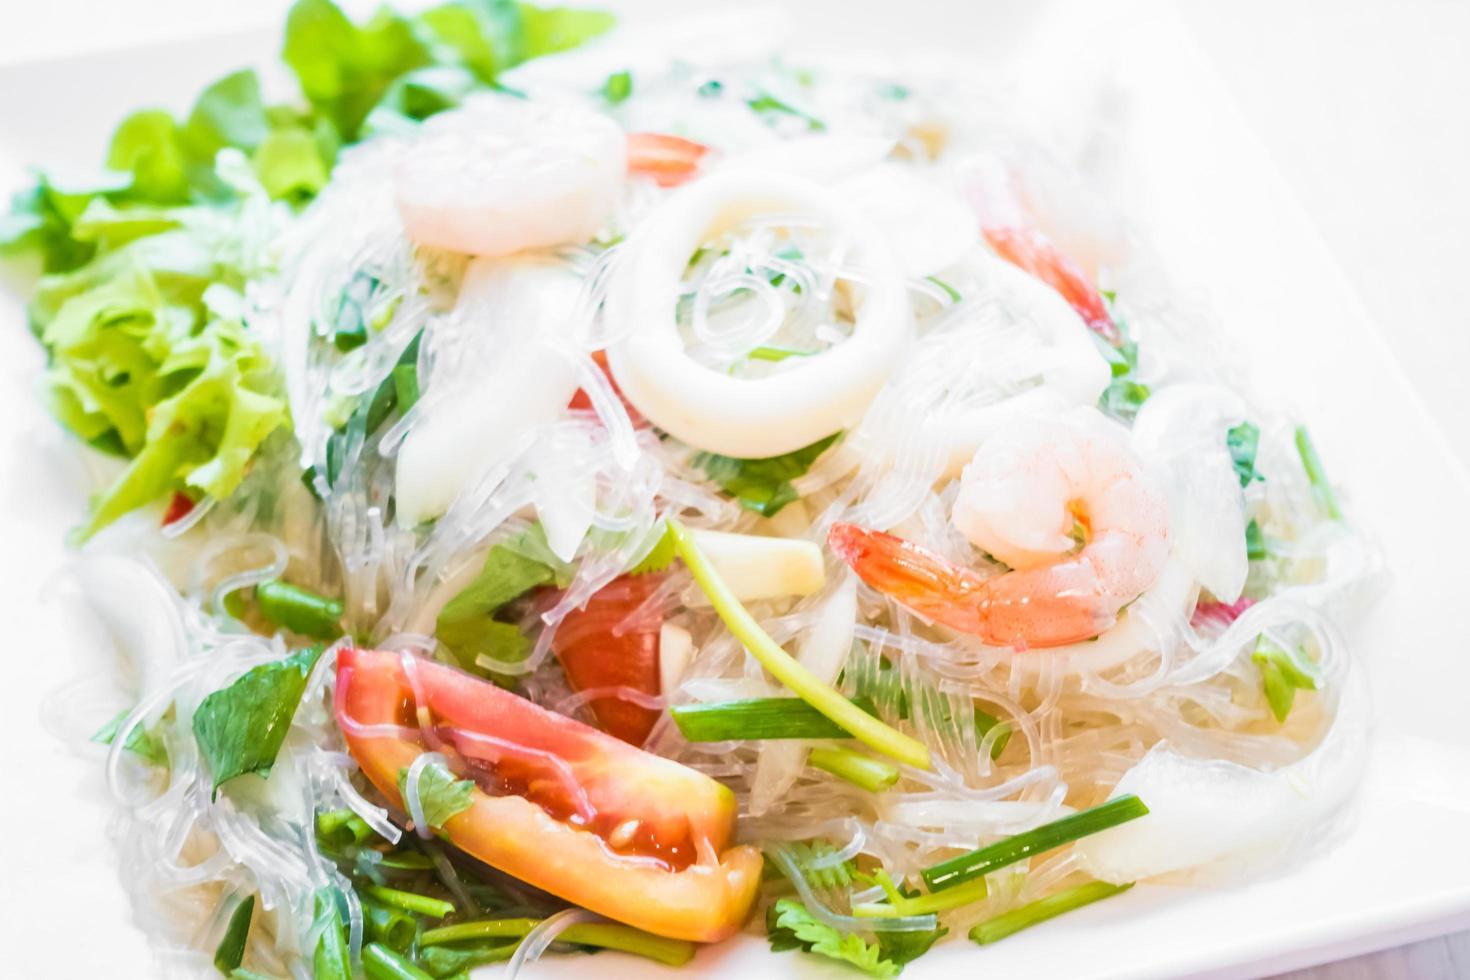 ensalada picante con mariscos foto